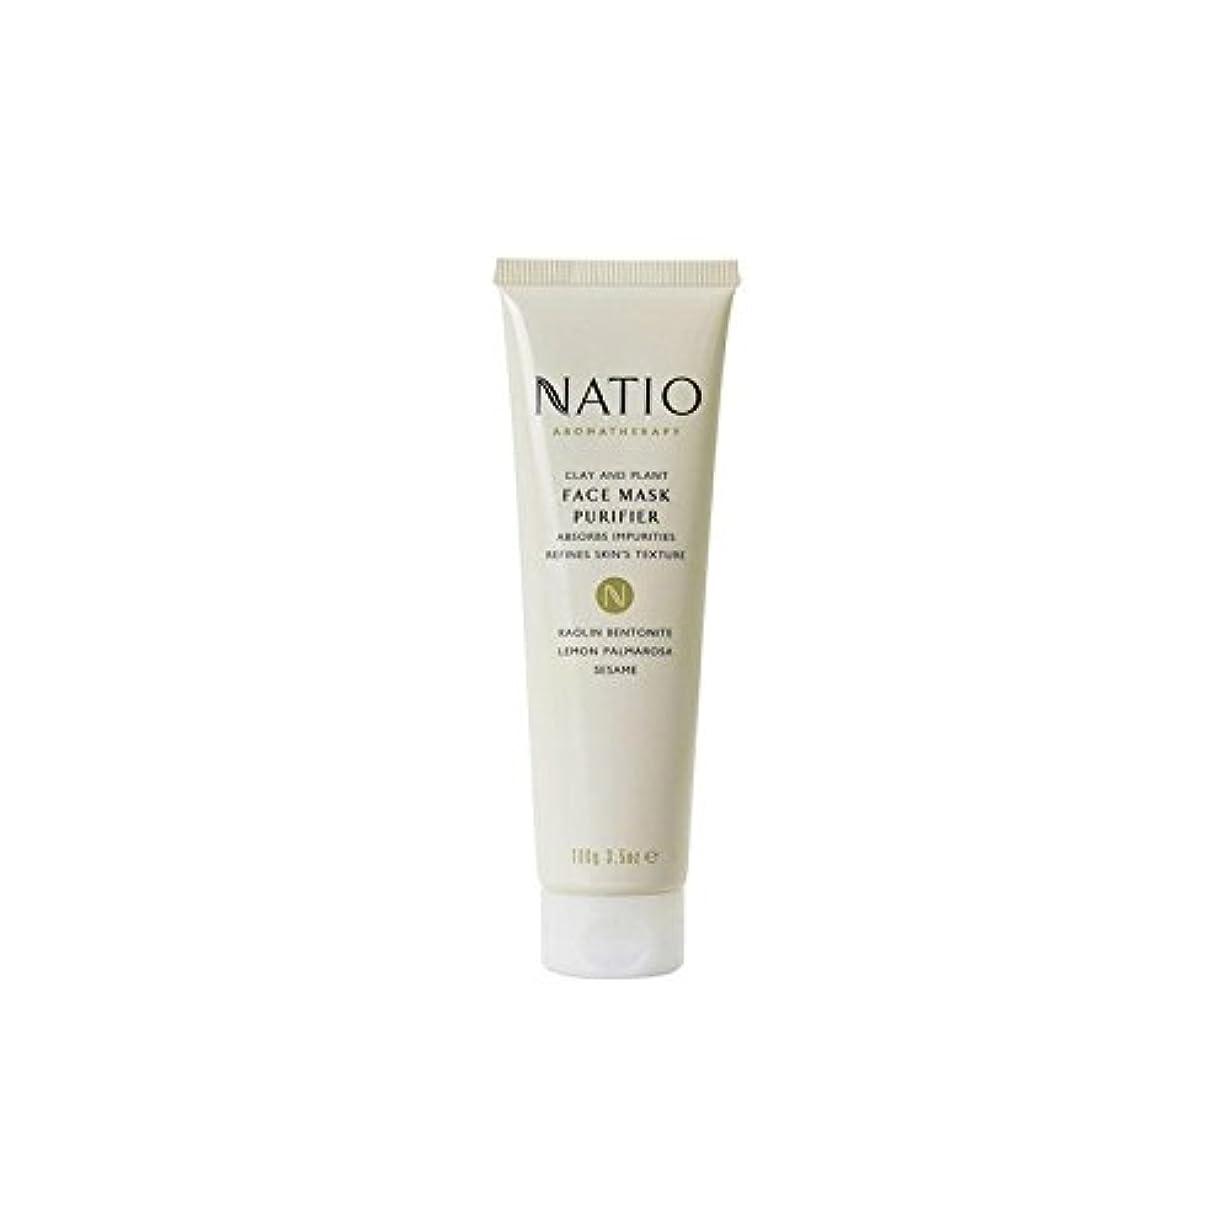 口実溶かす勘違いする粘土&植物フェイスマスクの浄化(100グラム) x4 - Natio Clay & Plant Face Mask Purifier (100G) (Pack of 4) [並行輸入品]